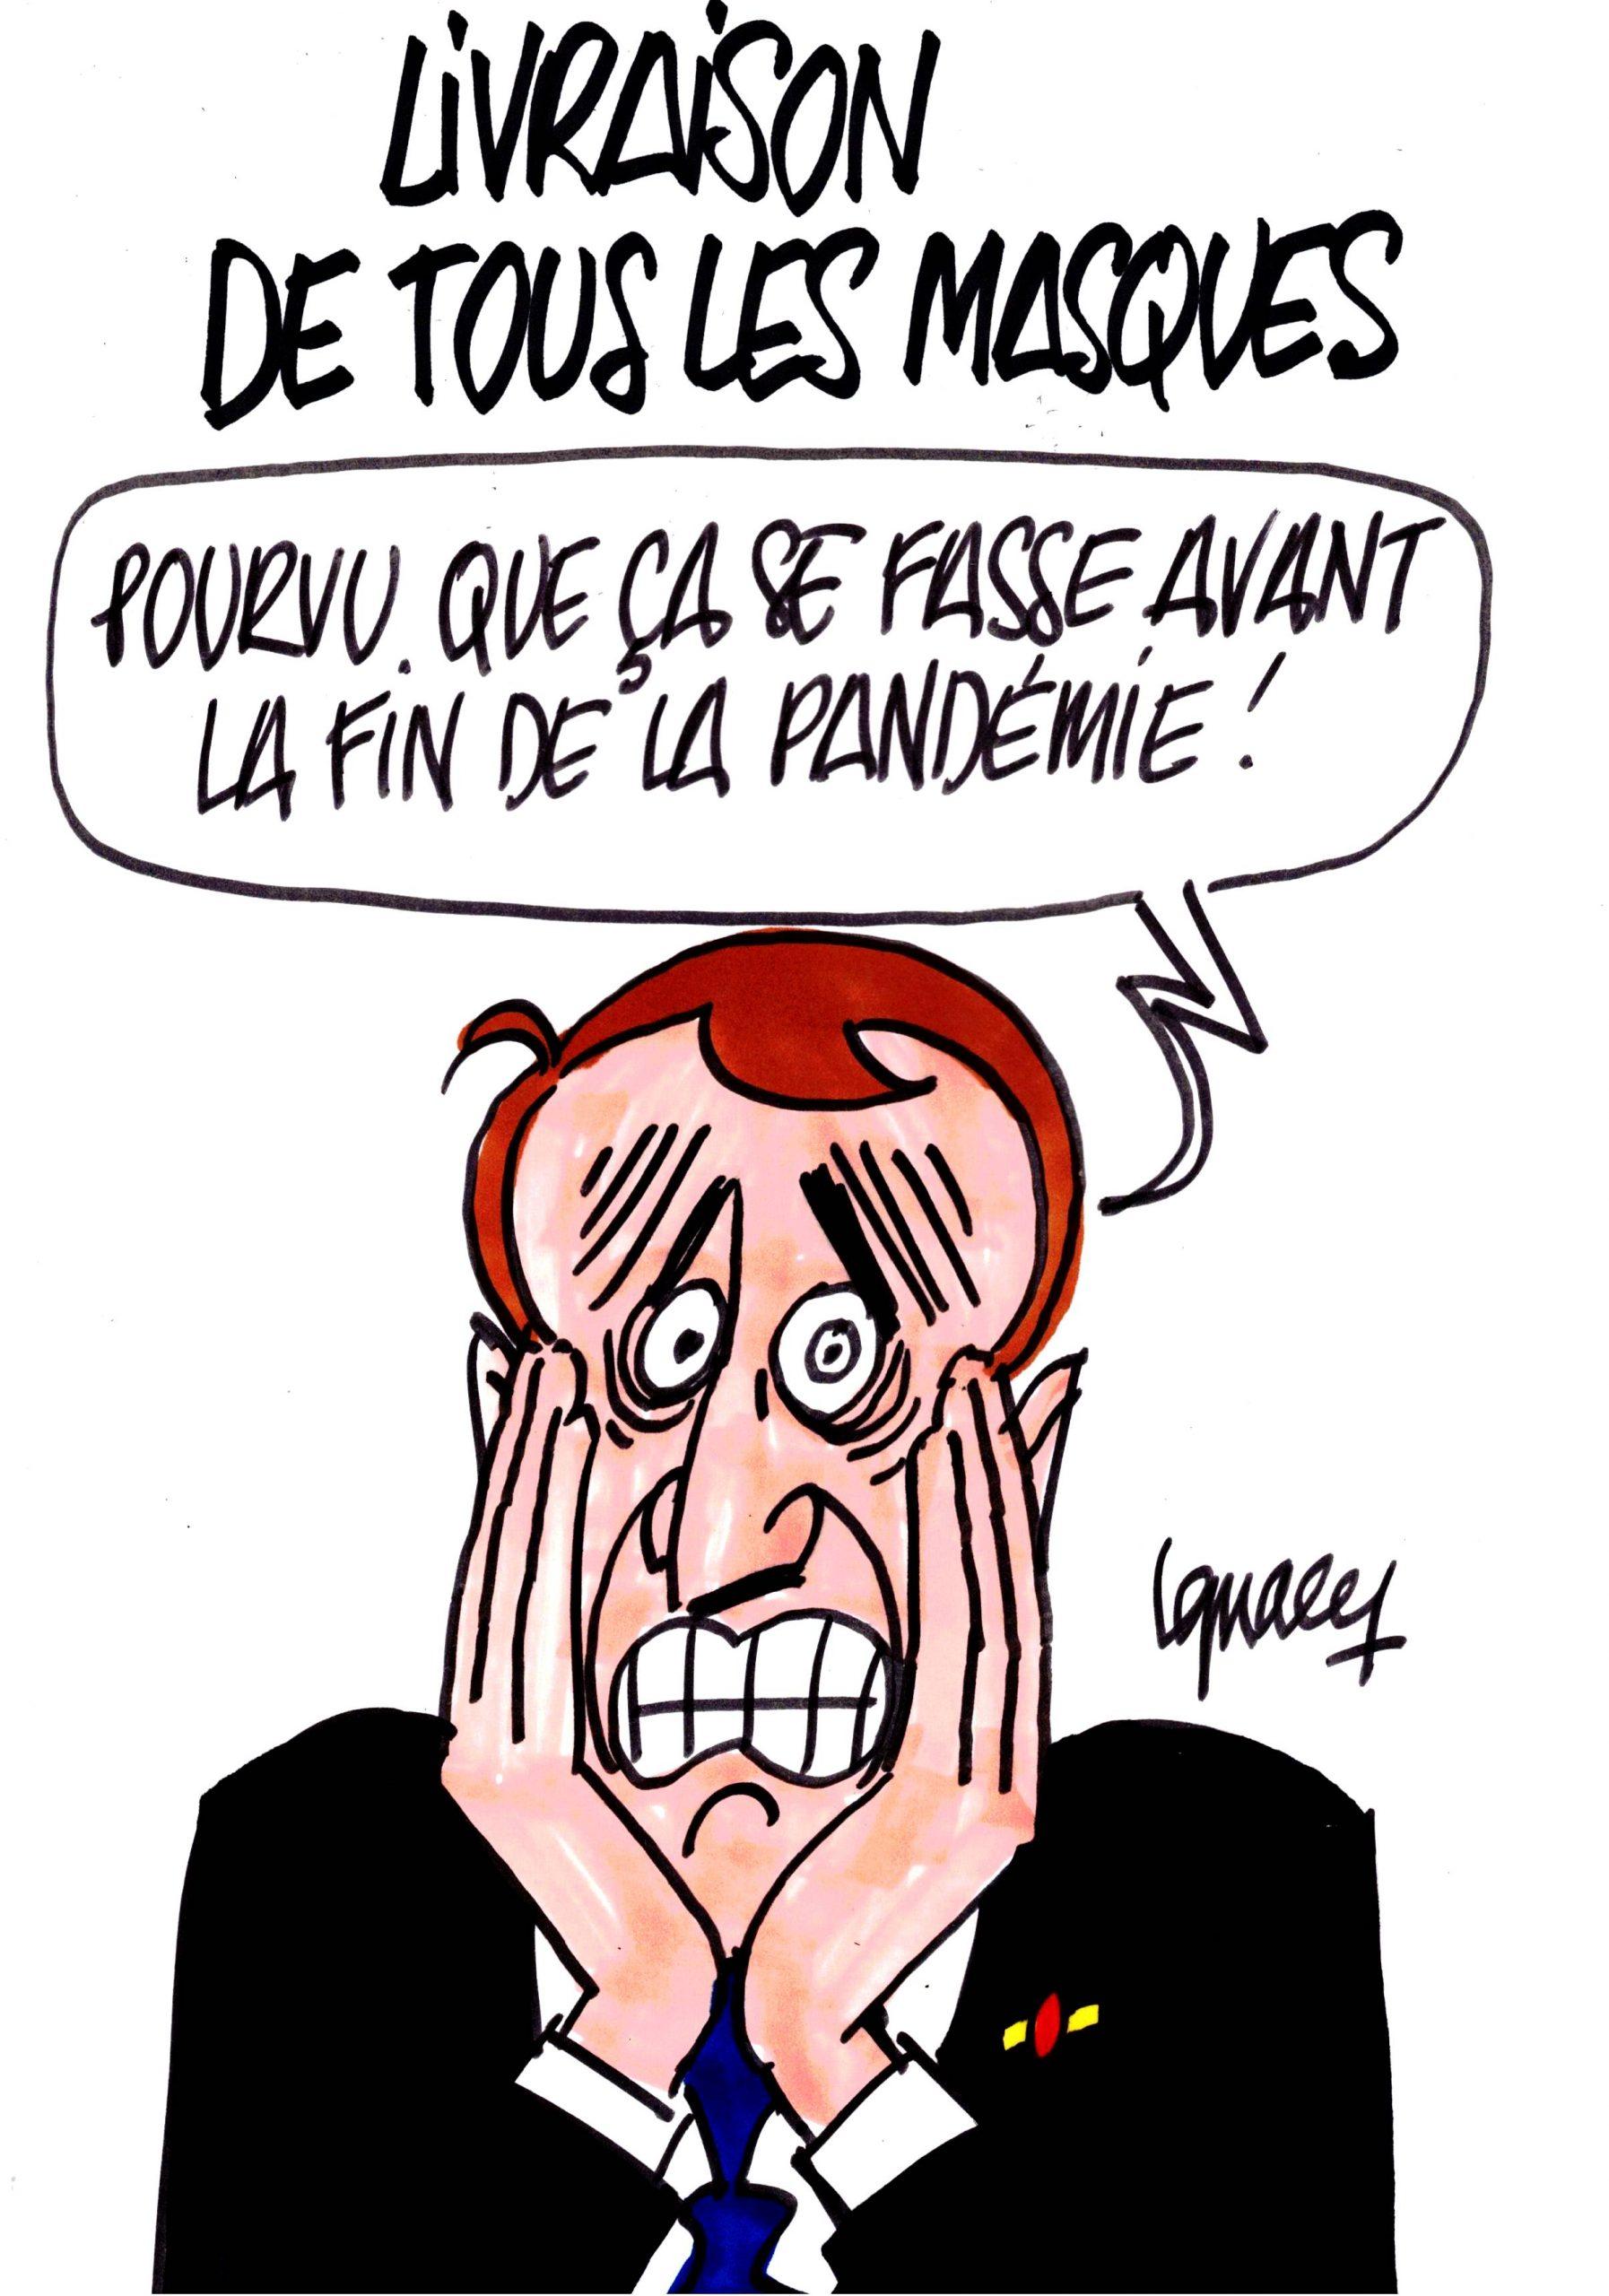 Ignace - Livraison des masques